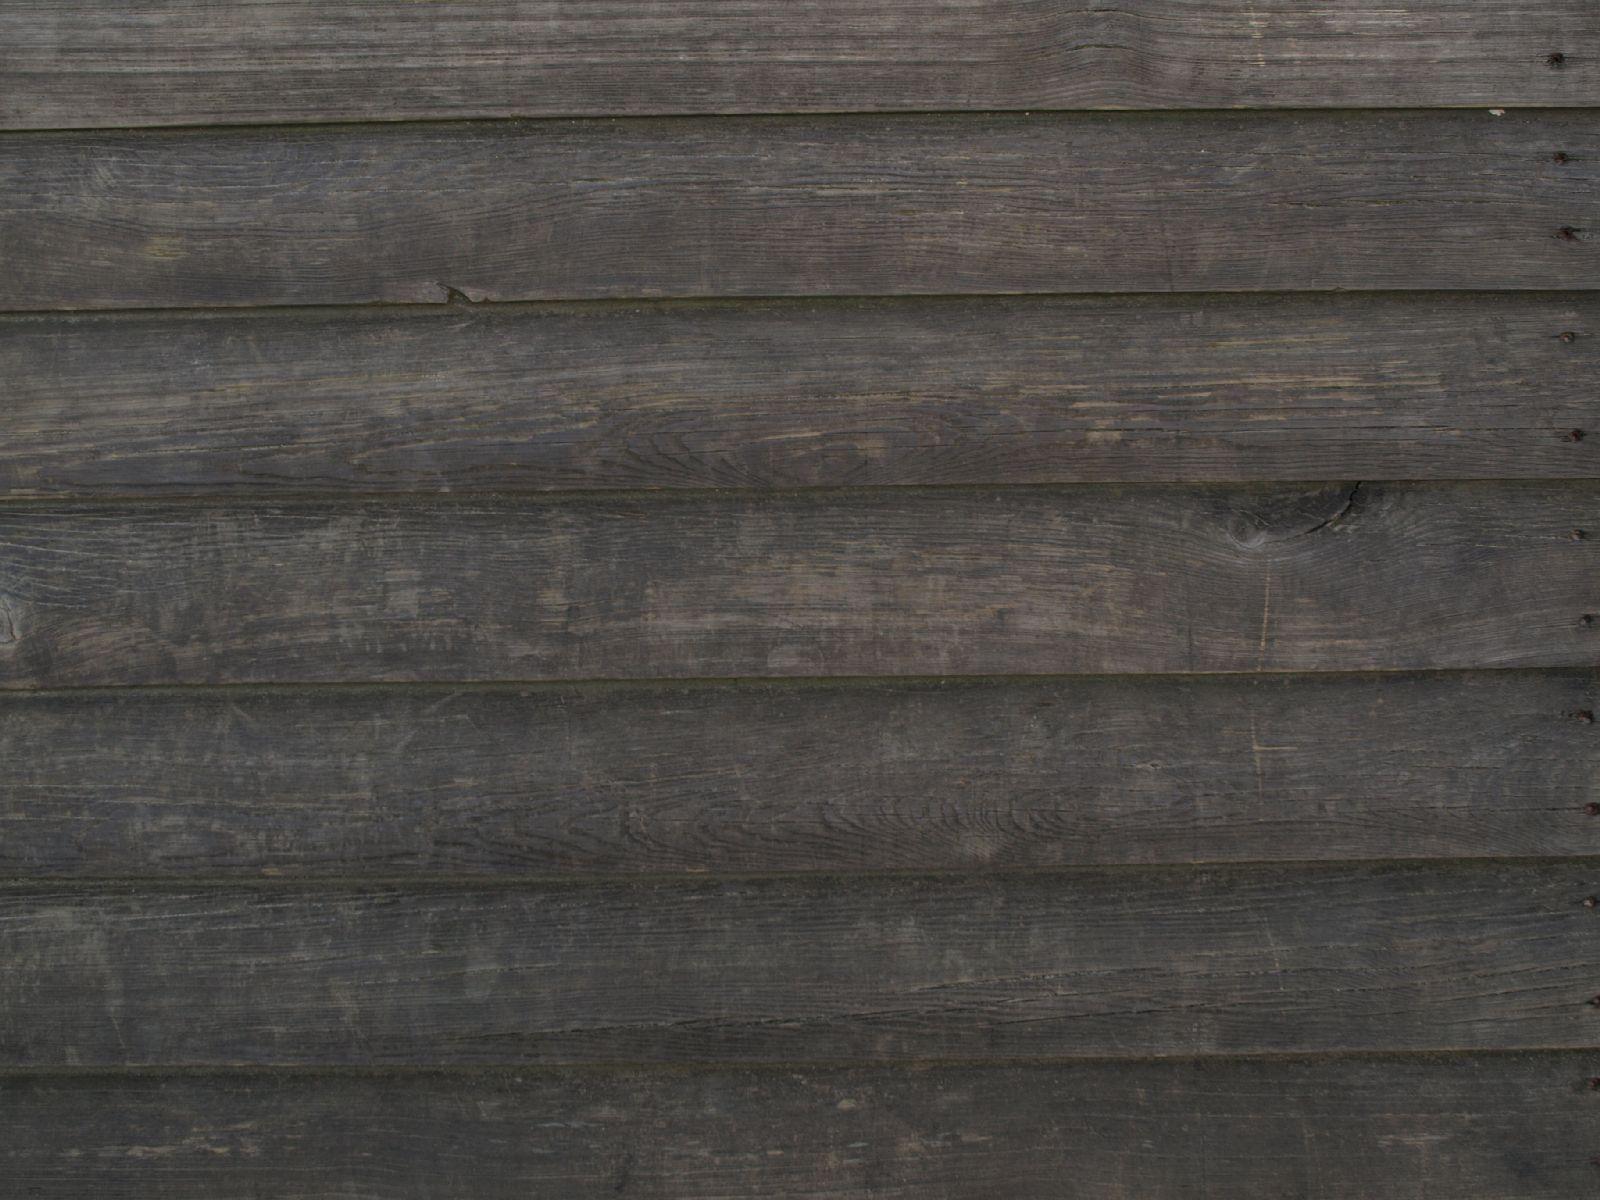 Holz_Textur_A_P4201604